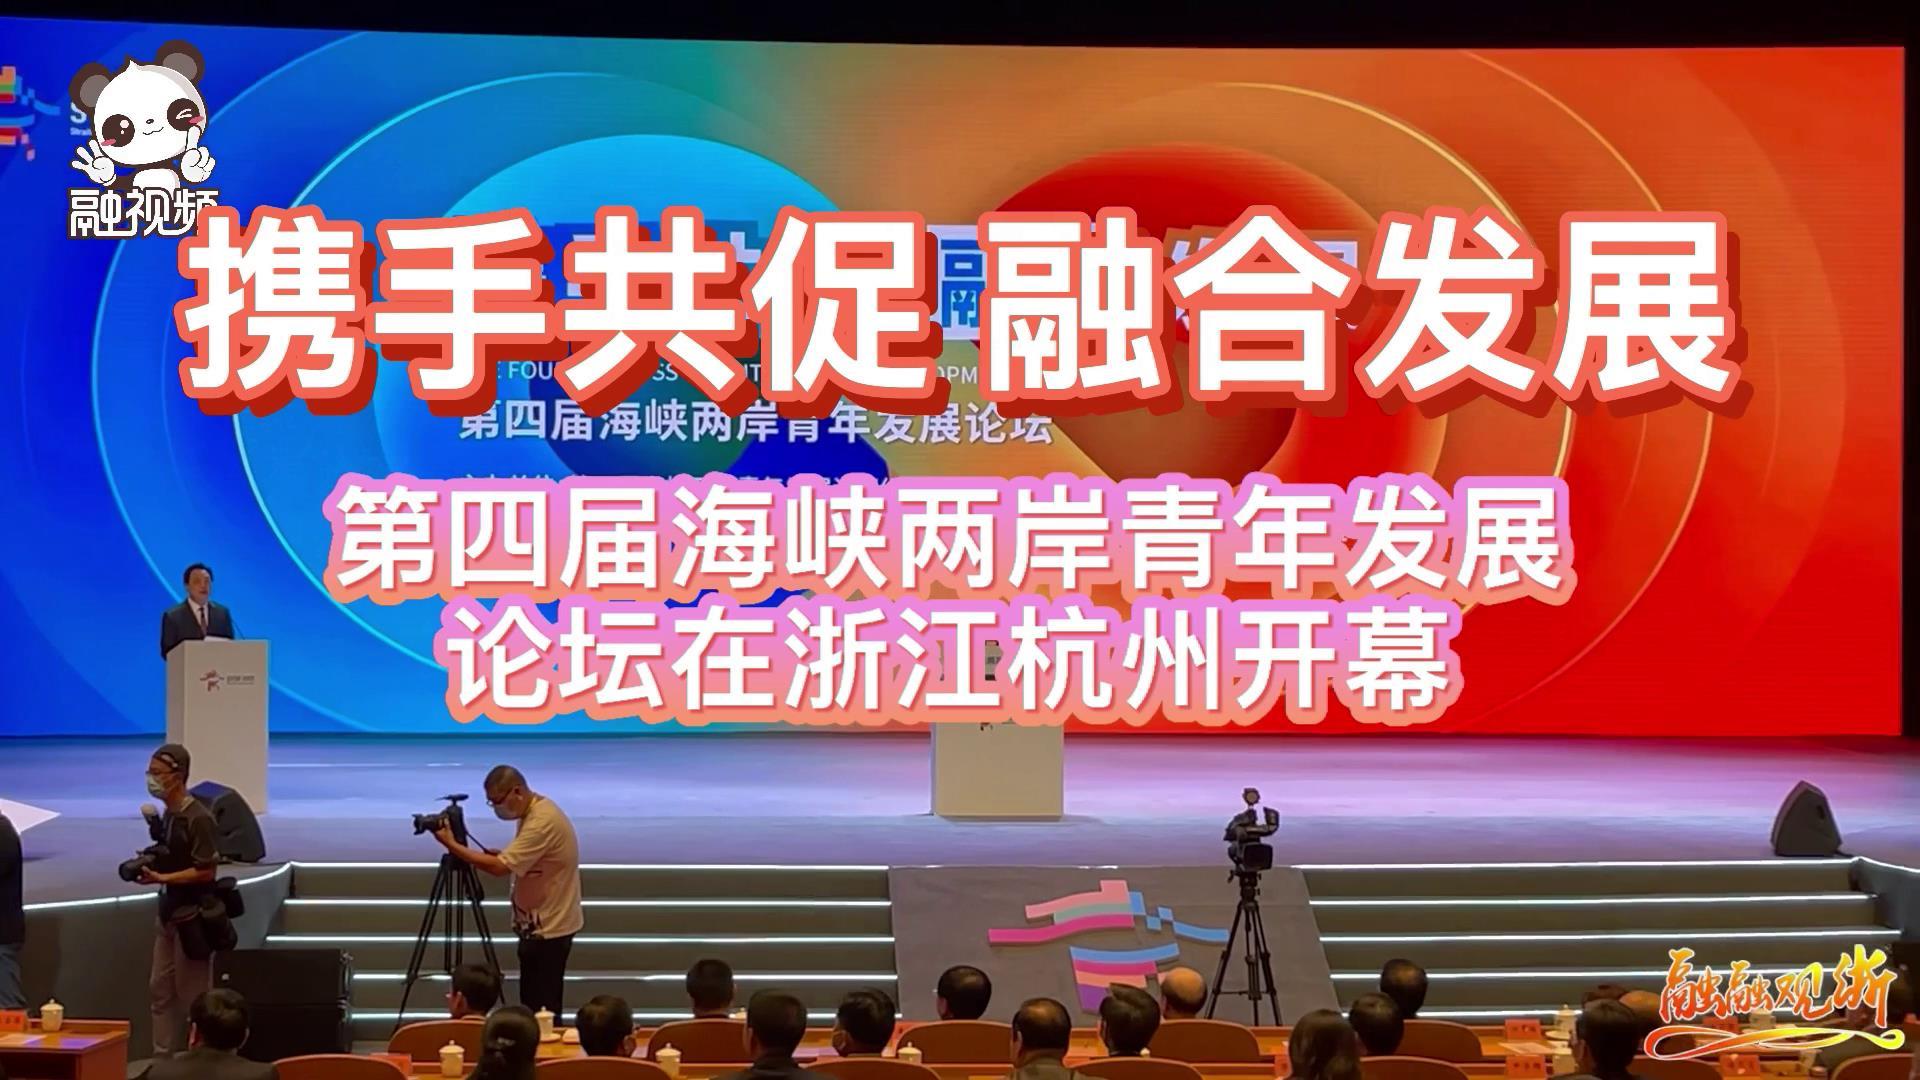 第四届海峡两岸青年发展论坛在浙江杭州开幕图片